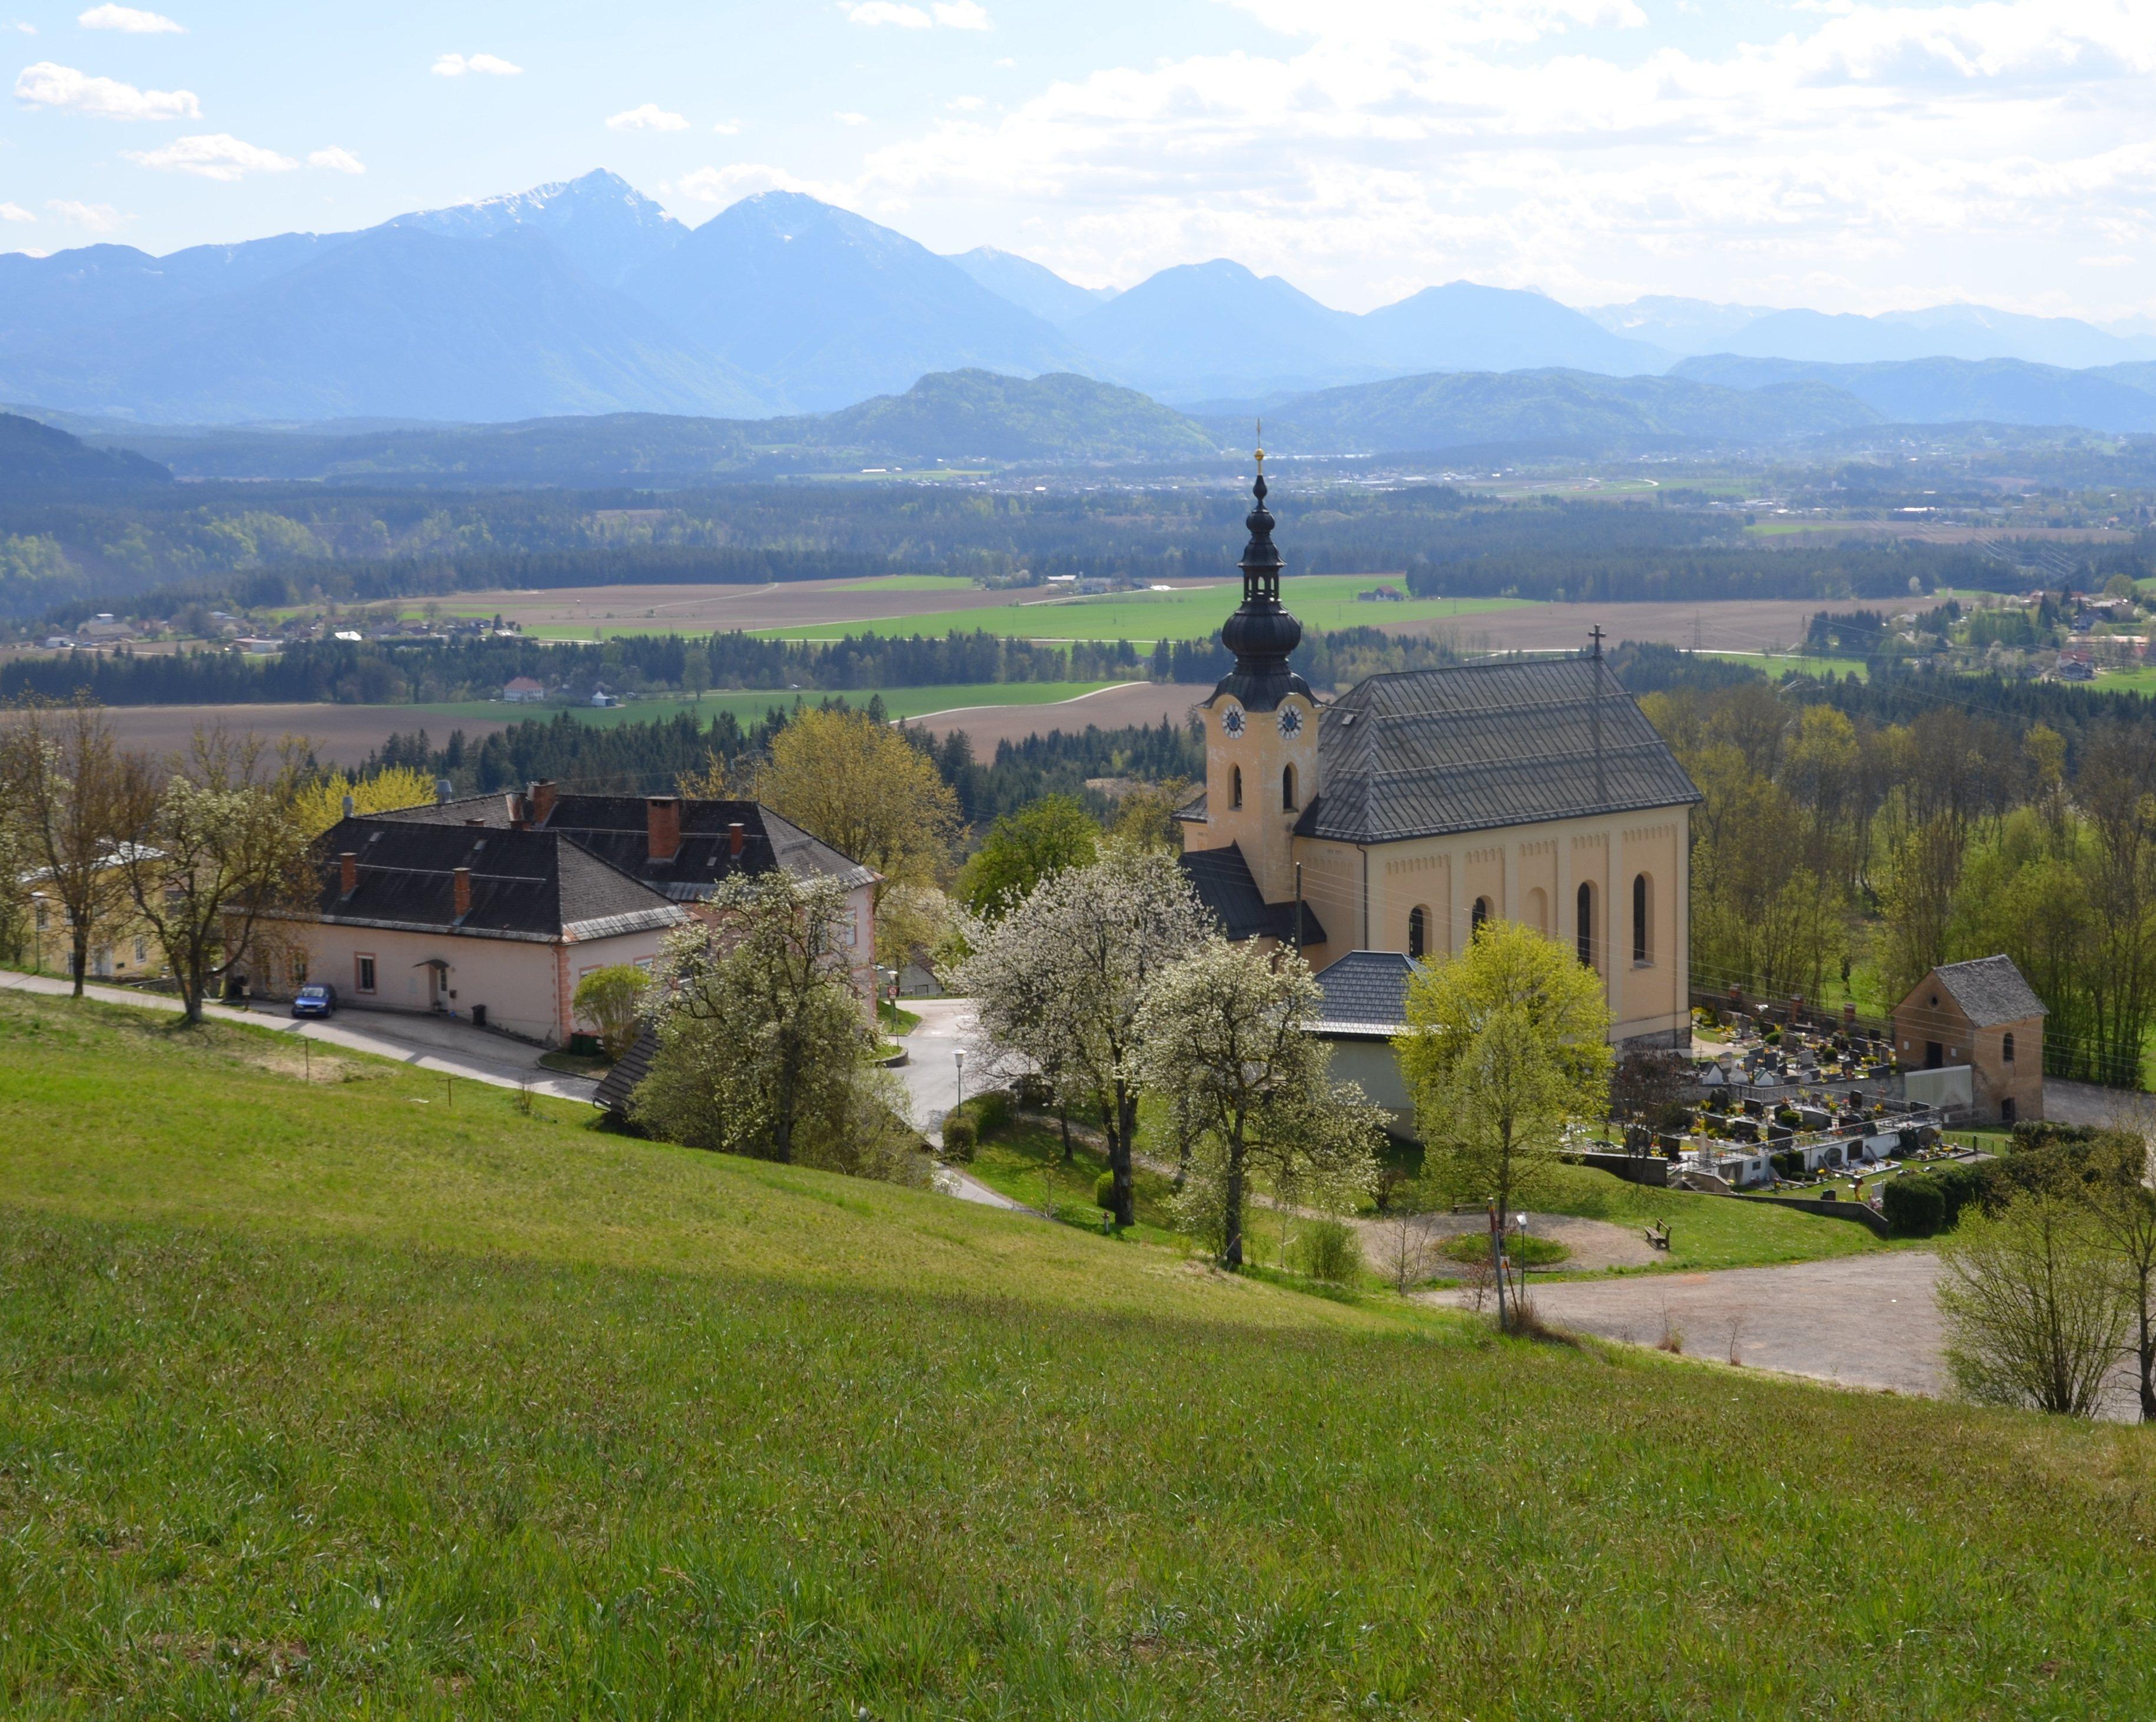 St. Peter am Wallersberg / Št. Peter na Vašinjah (A.B.)